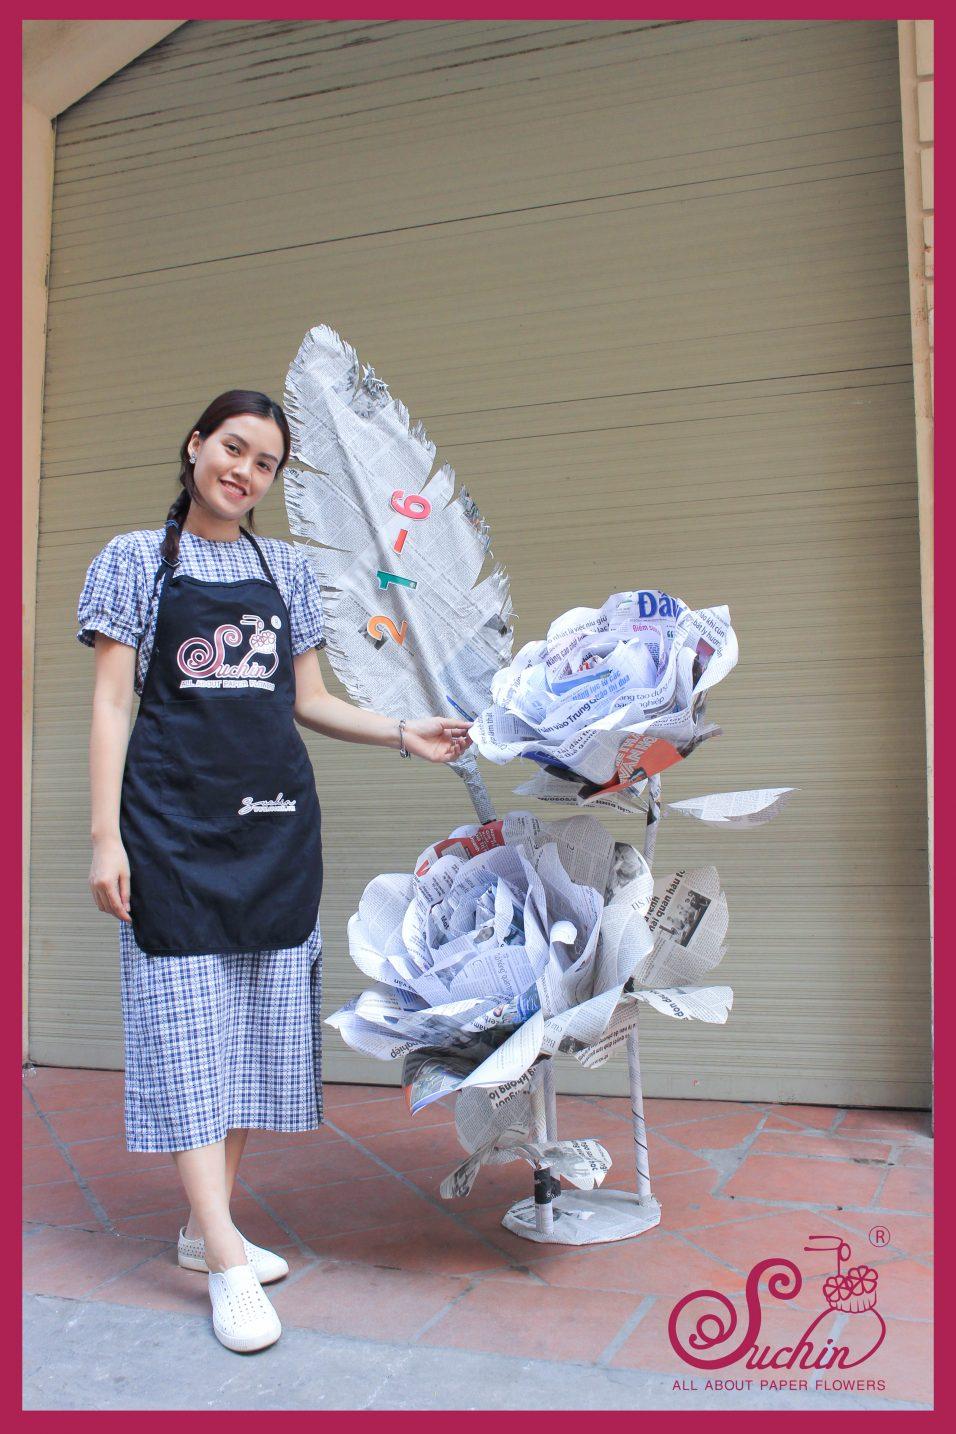 Cụm hoa giấy báo – Sản phẩm chúc mừng ngày báo chí cách mạng Việt Nam